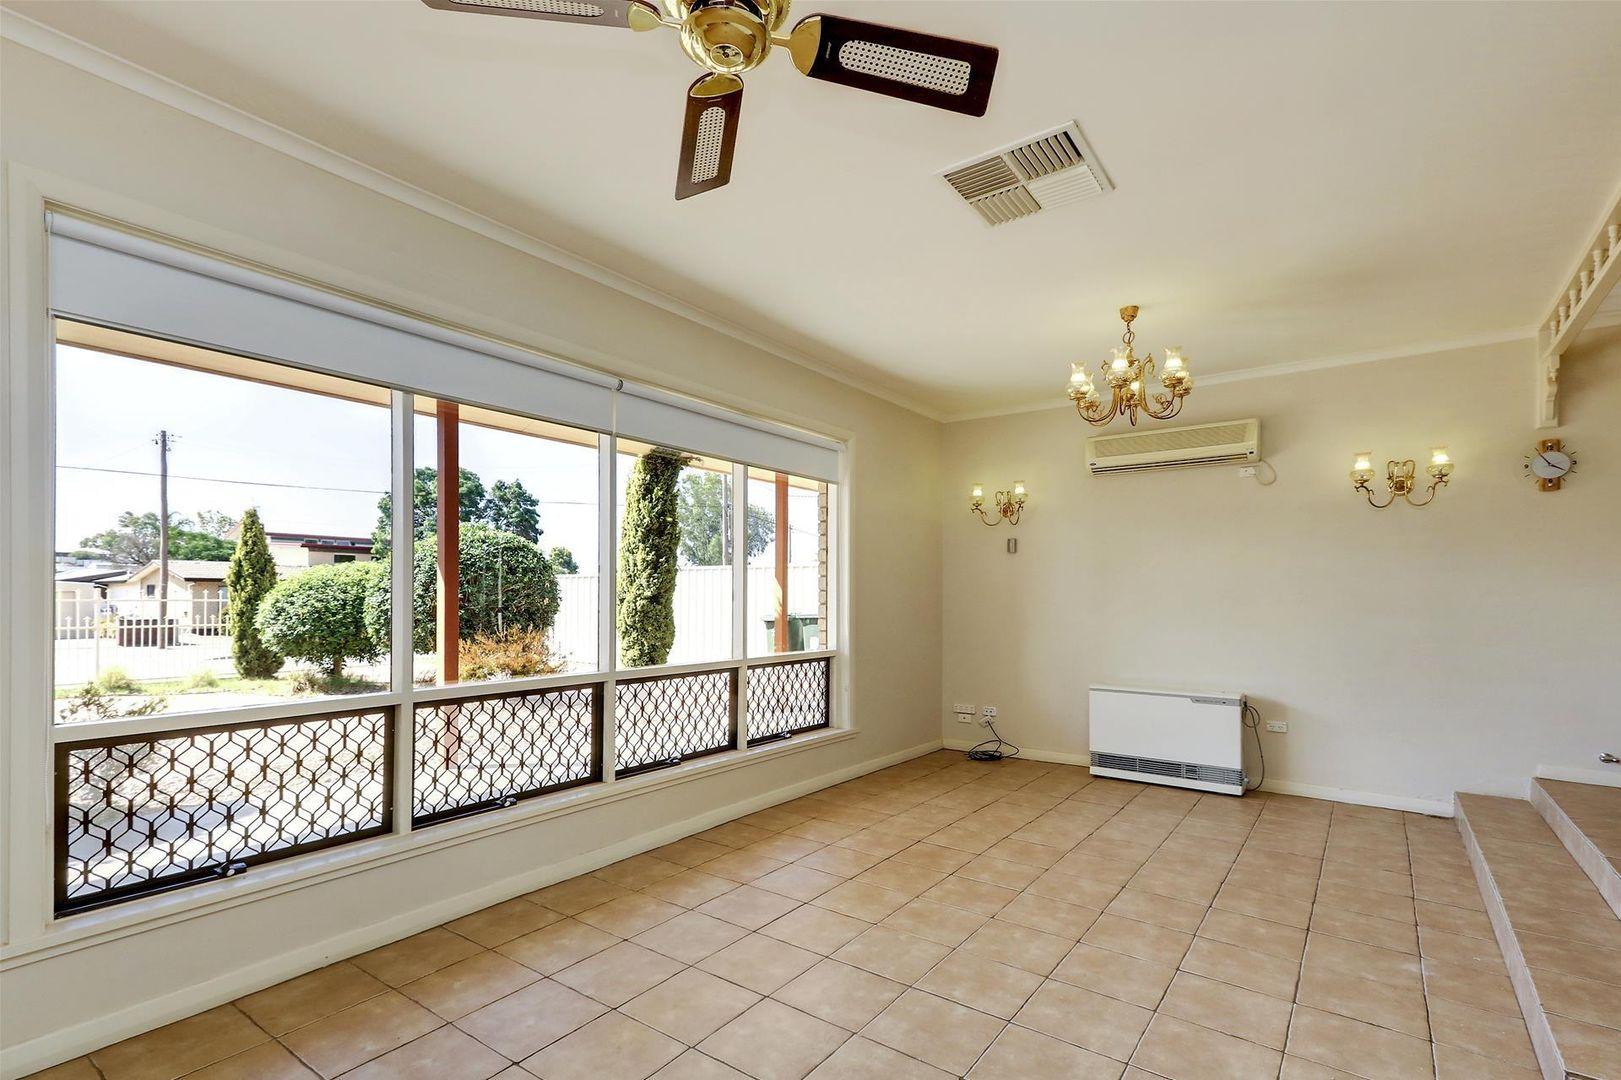 499 Cummins Lane, Broken Hill NSW 2880, Image 1